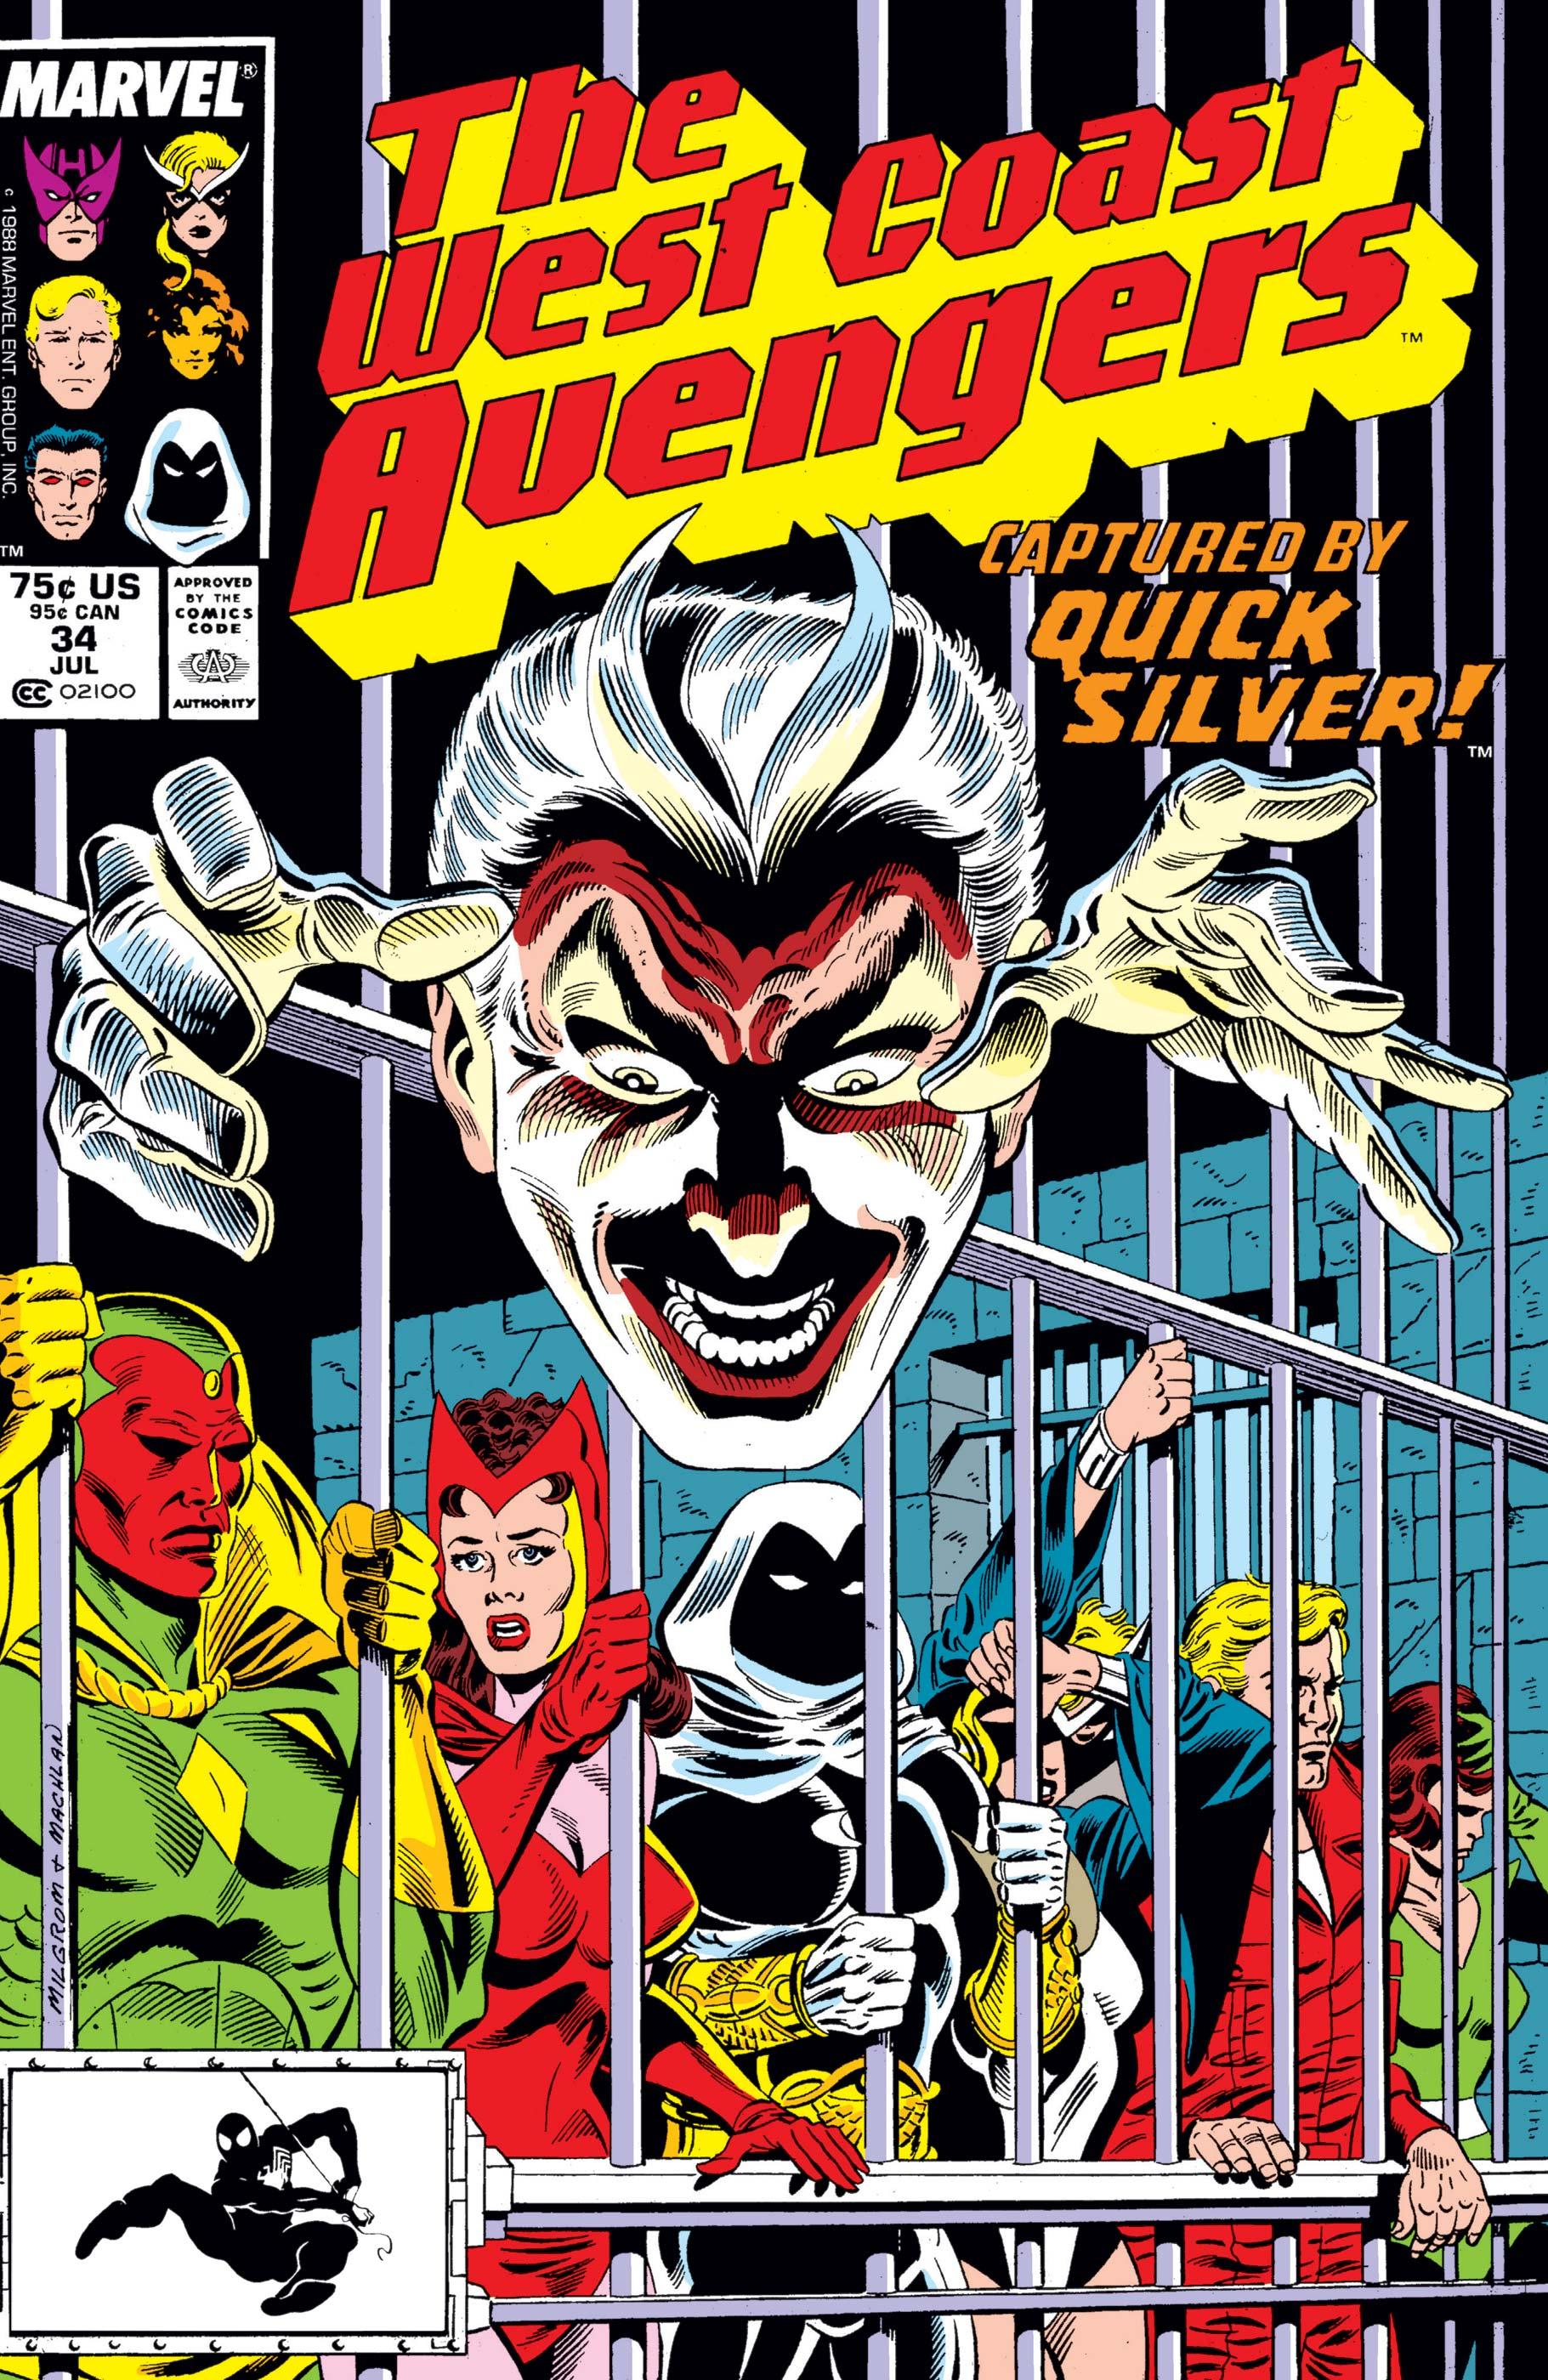 West Coast Avengers (1985) #34